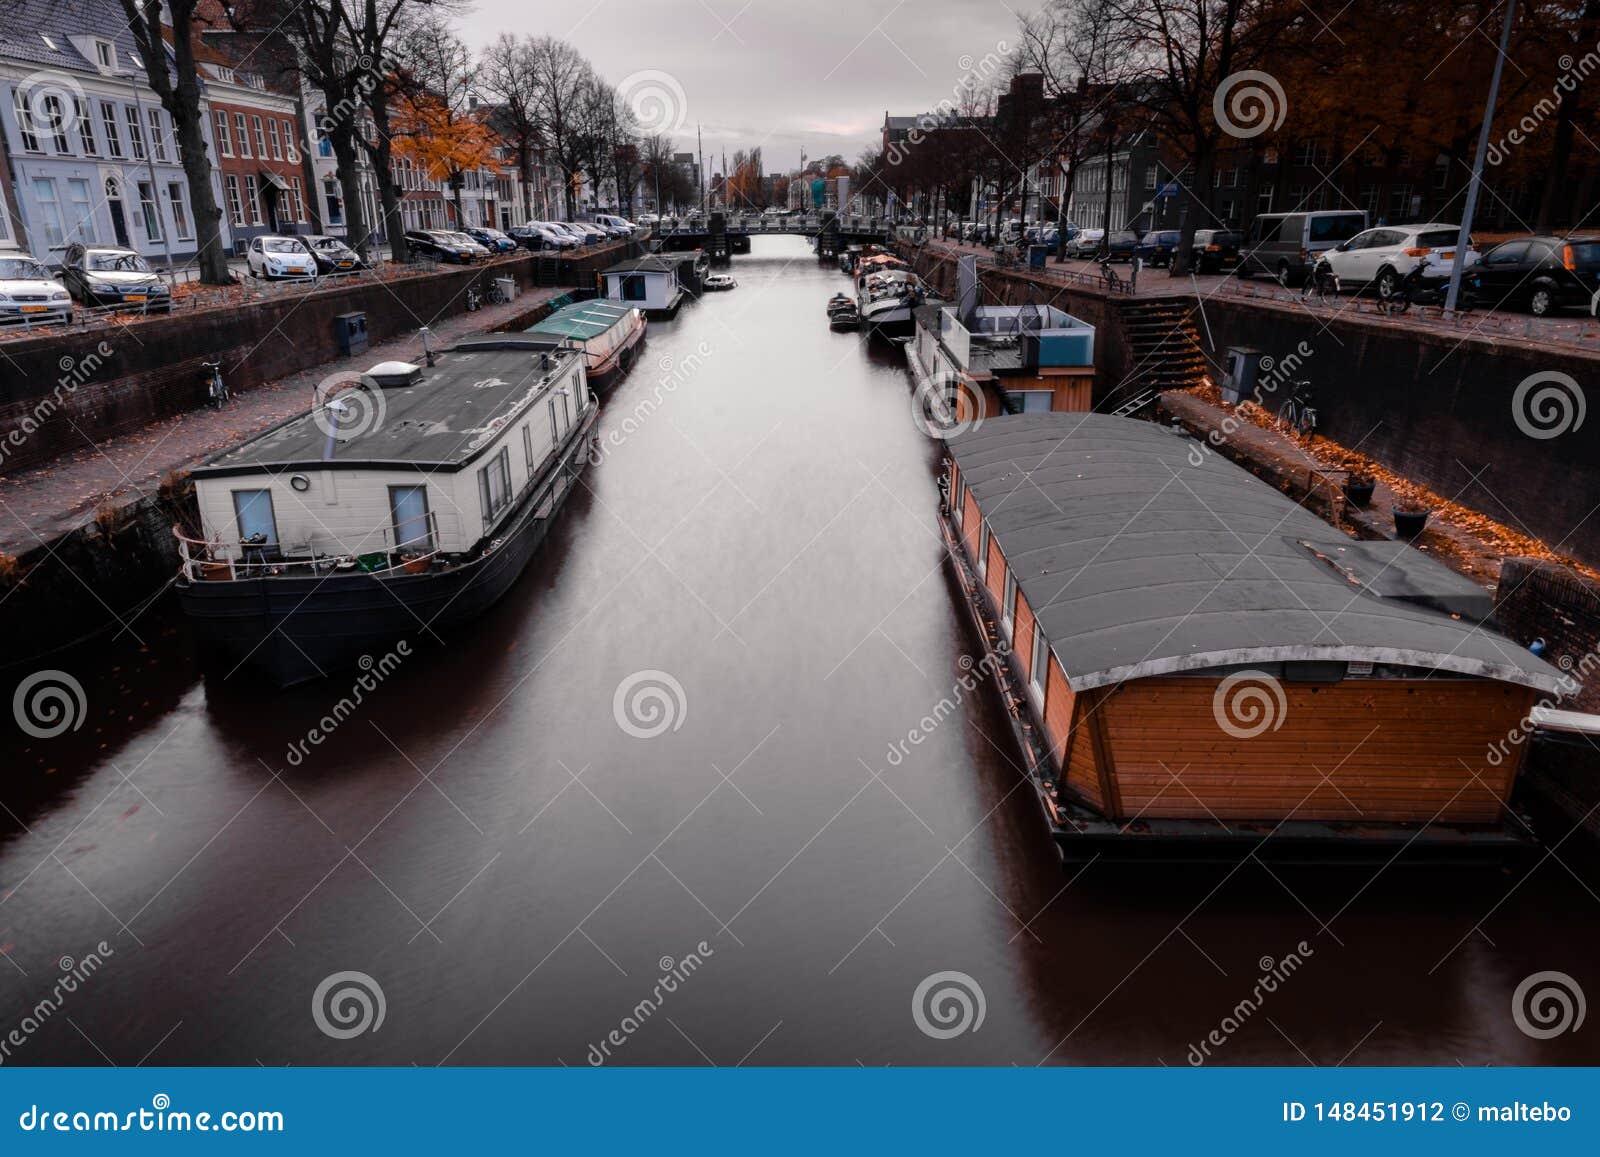 Huisboten op een kanaal in Nederland